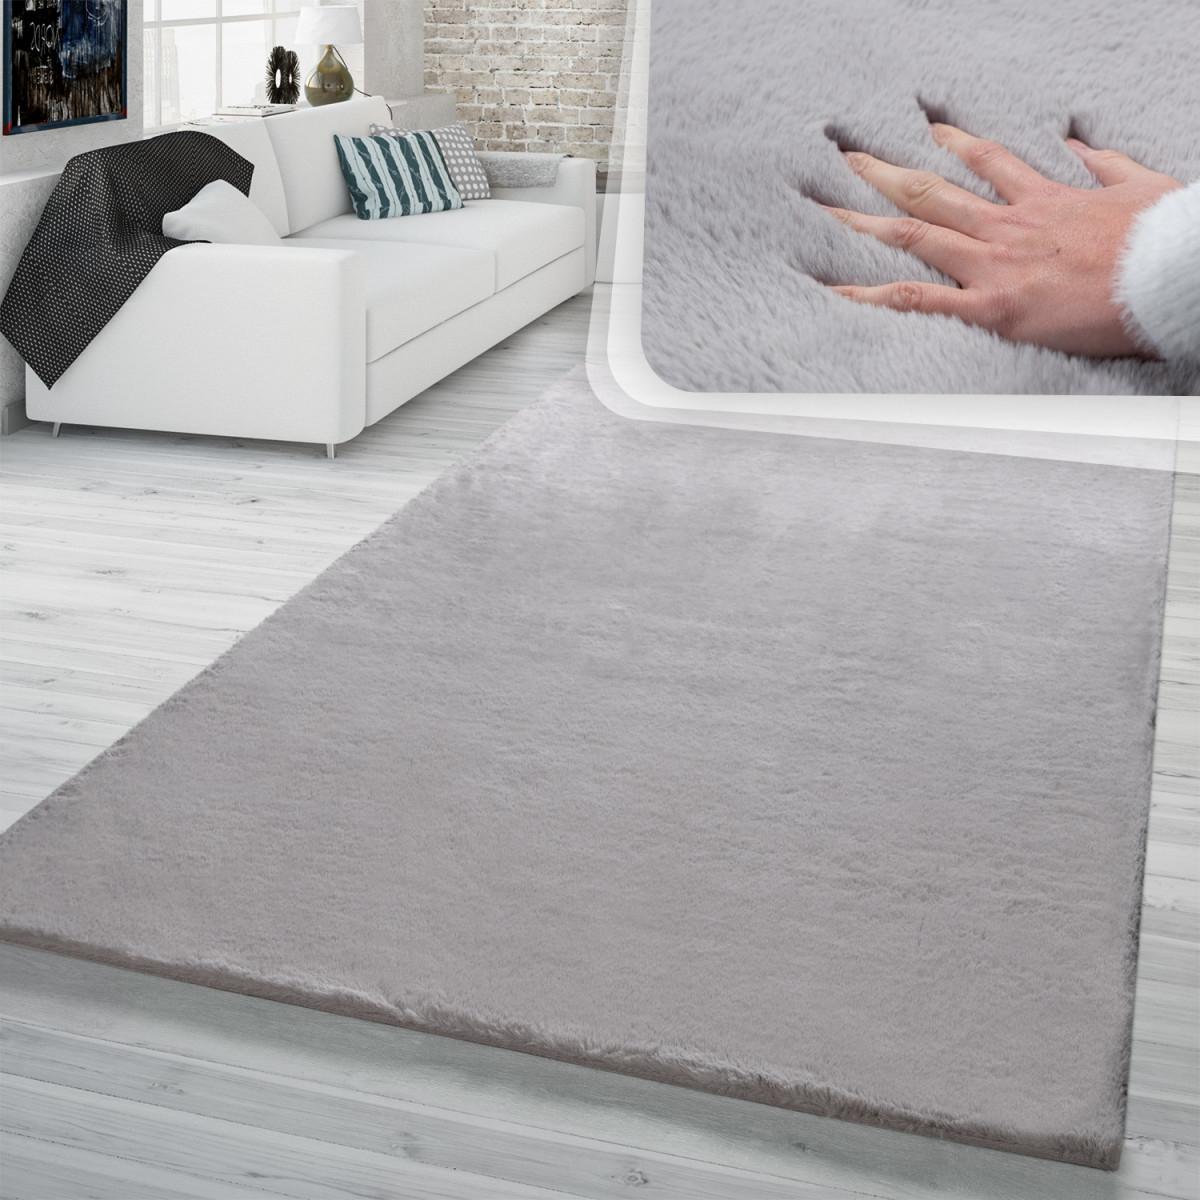 Hochflor Teppich Wohnzimmer Kunstfell Super Softes Kaninchenfell Imitat von Teppich Für Wohnzimmer Bild